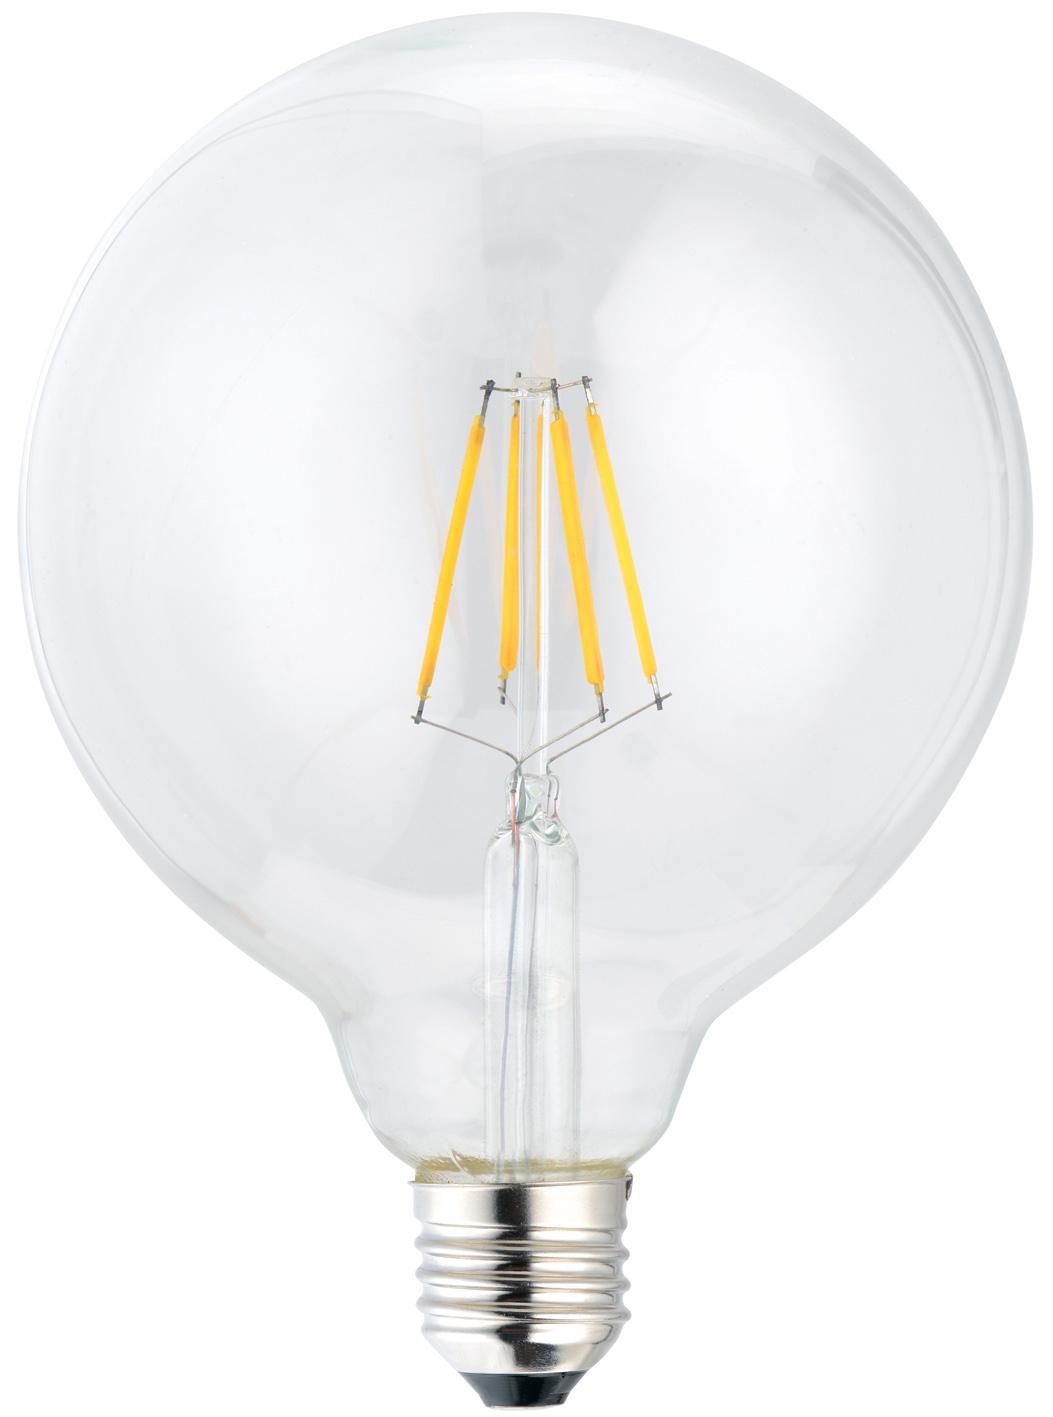 LED Filament Light B125